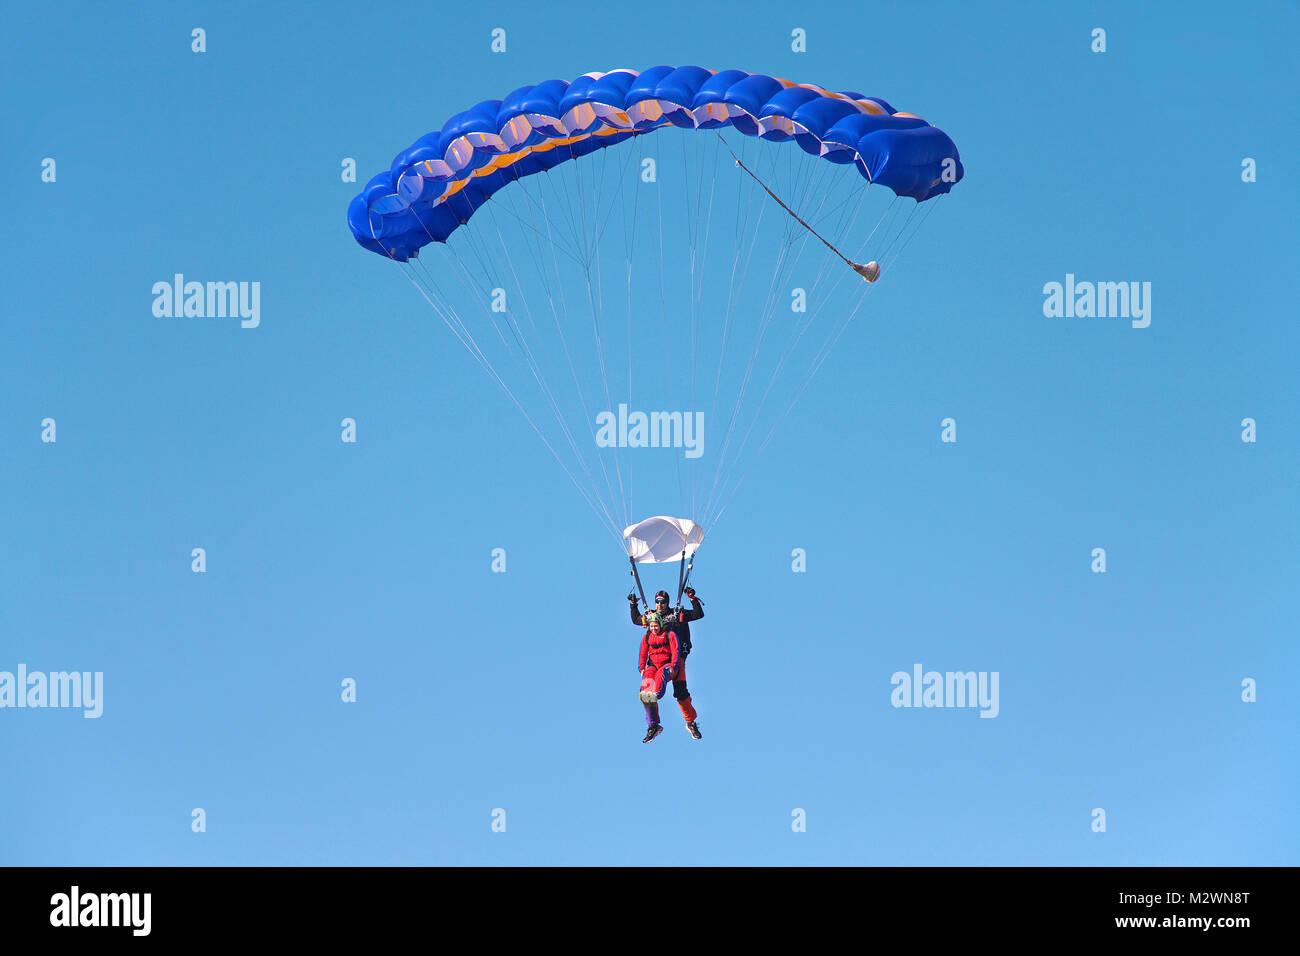 Paraglider, tandem jump, airport of Trier-Foehren, Foehren, Rhineland-Palatinate, Germany, Europe - Stock Image